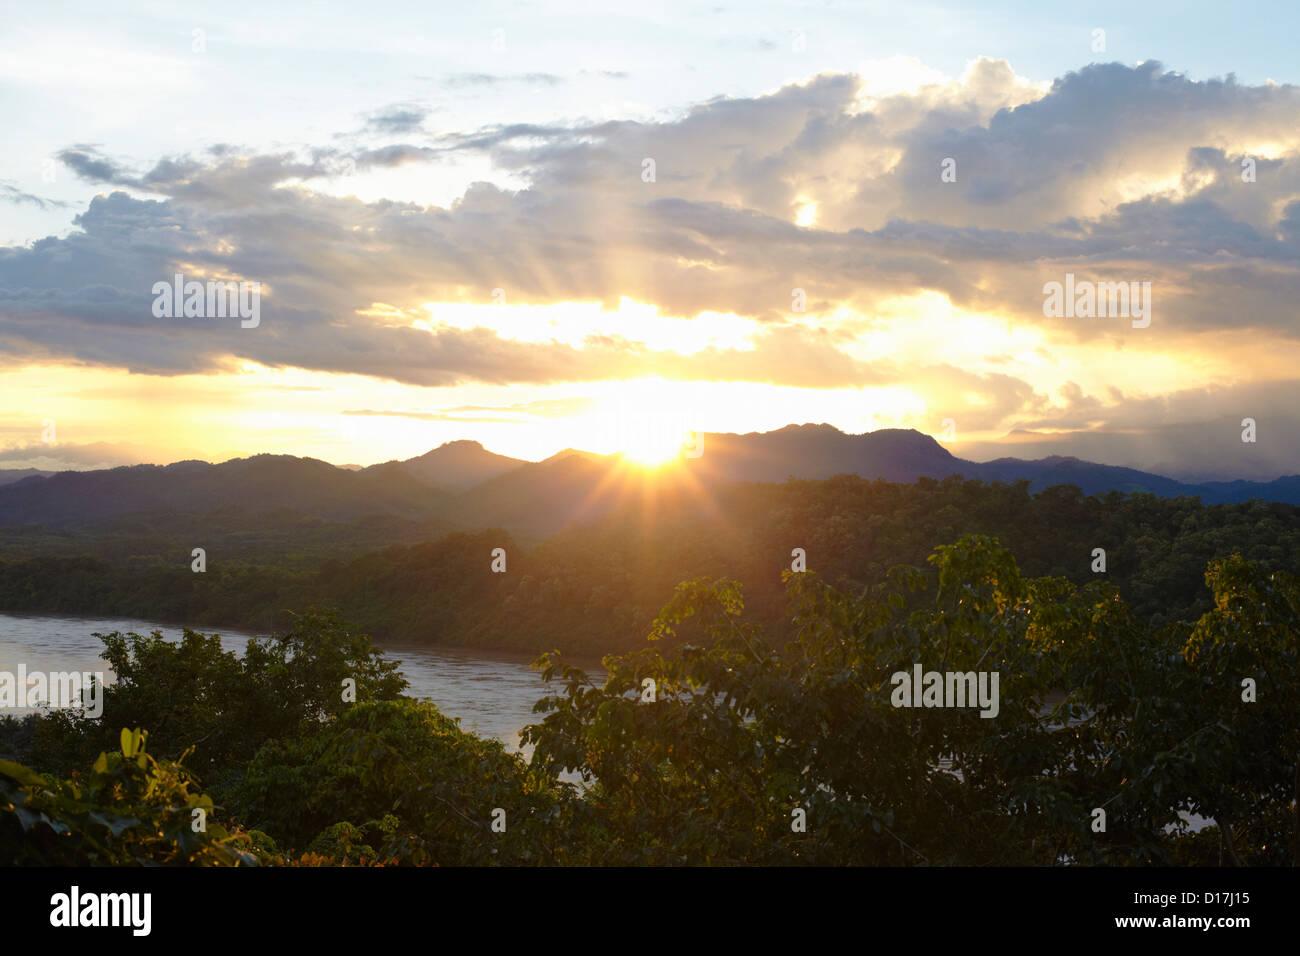 Sonnenaufgang über Gebirge Stockbild